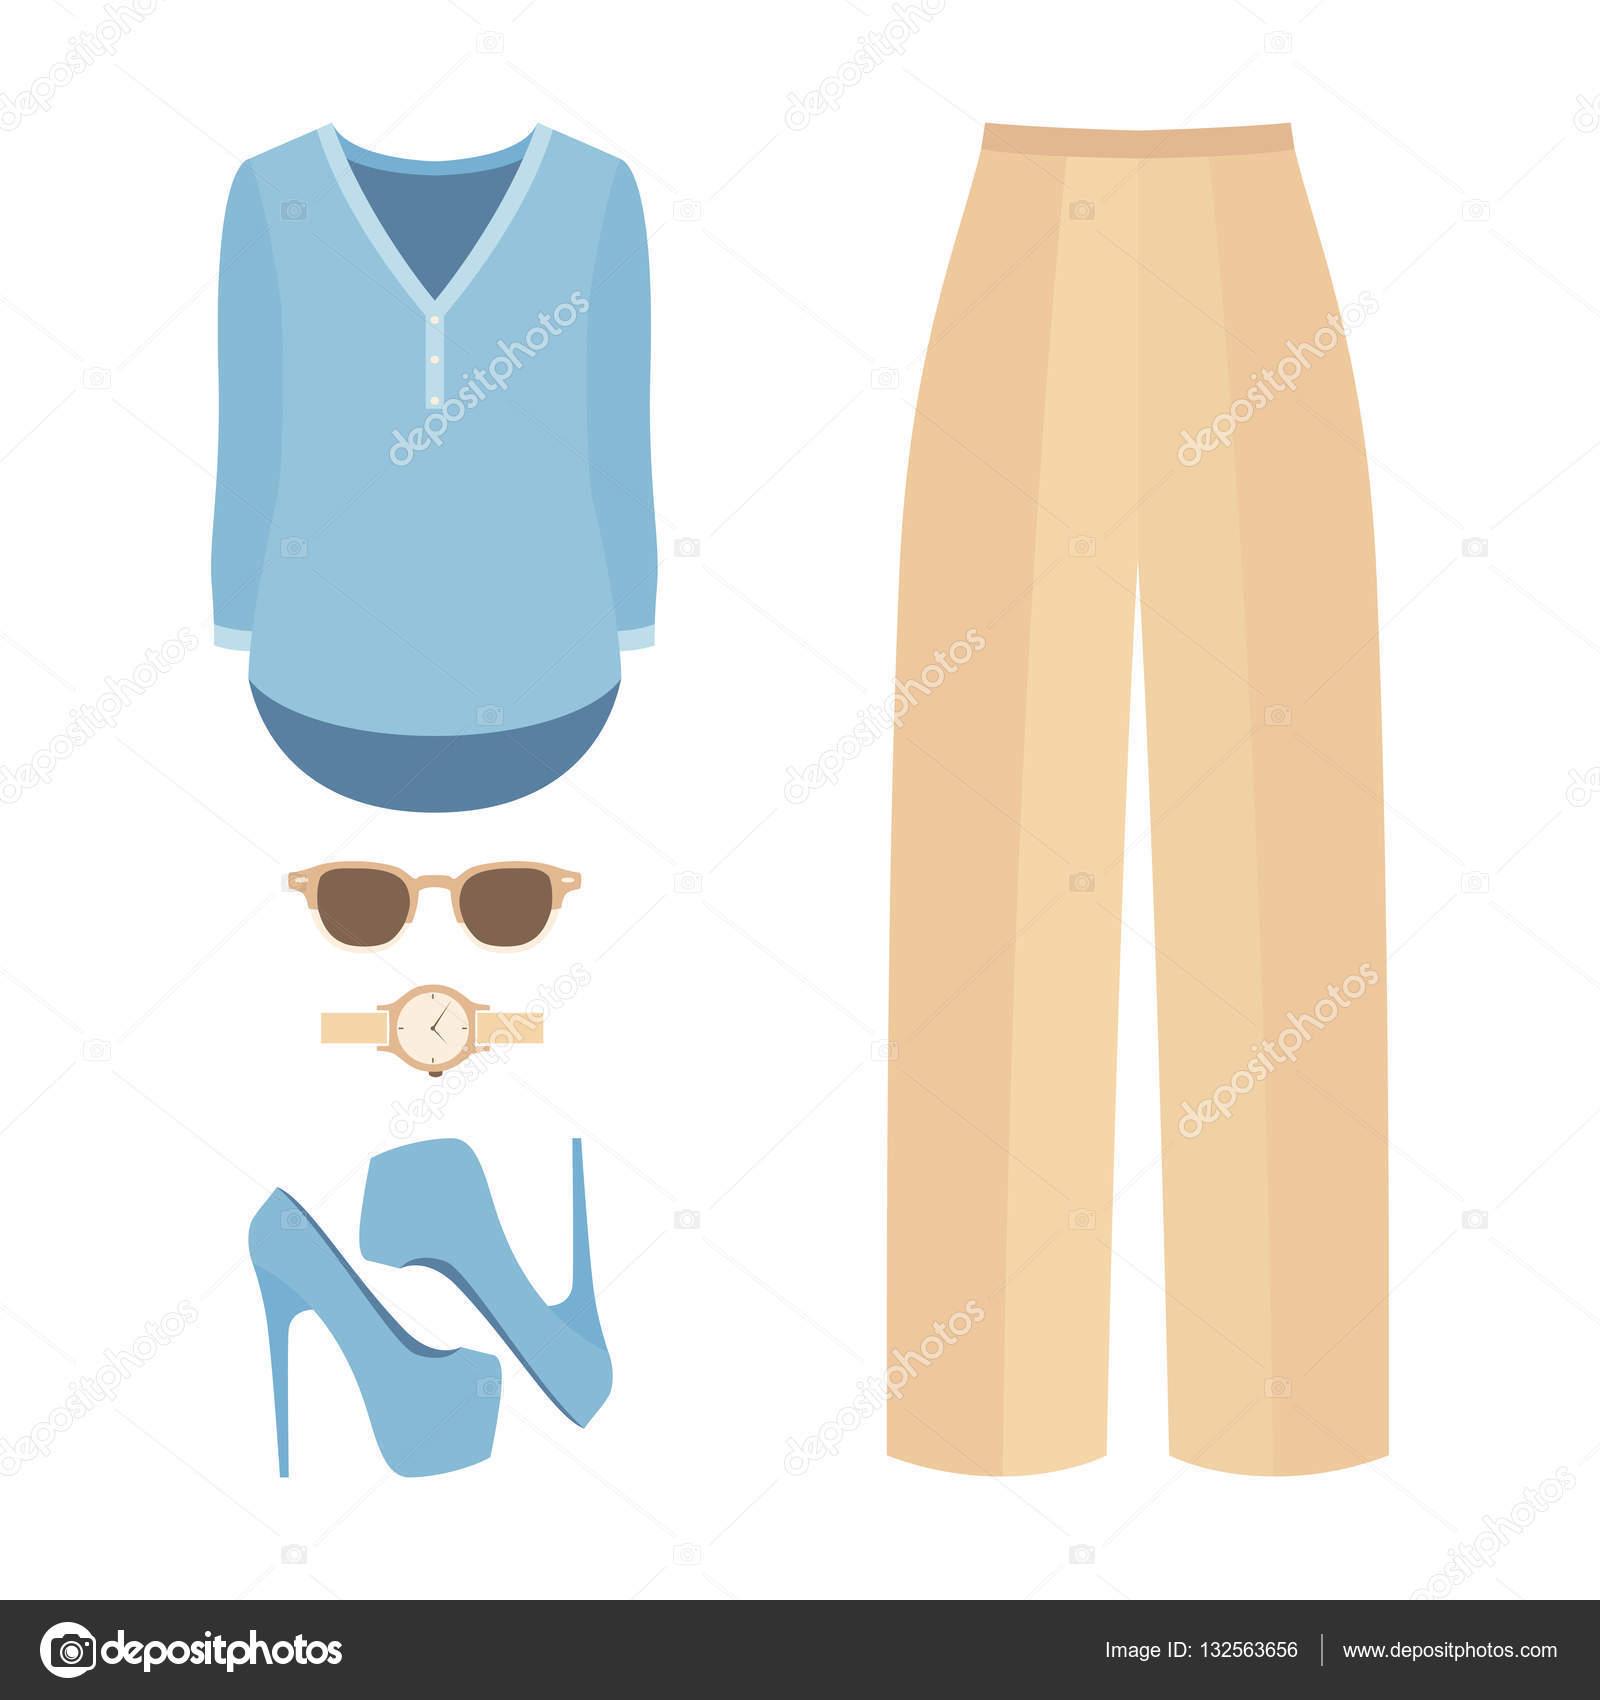 5c9ff7a56e83cb Conjunto de roupas da moda feminina com cuecas, camisa e acessórios ...